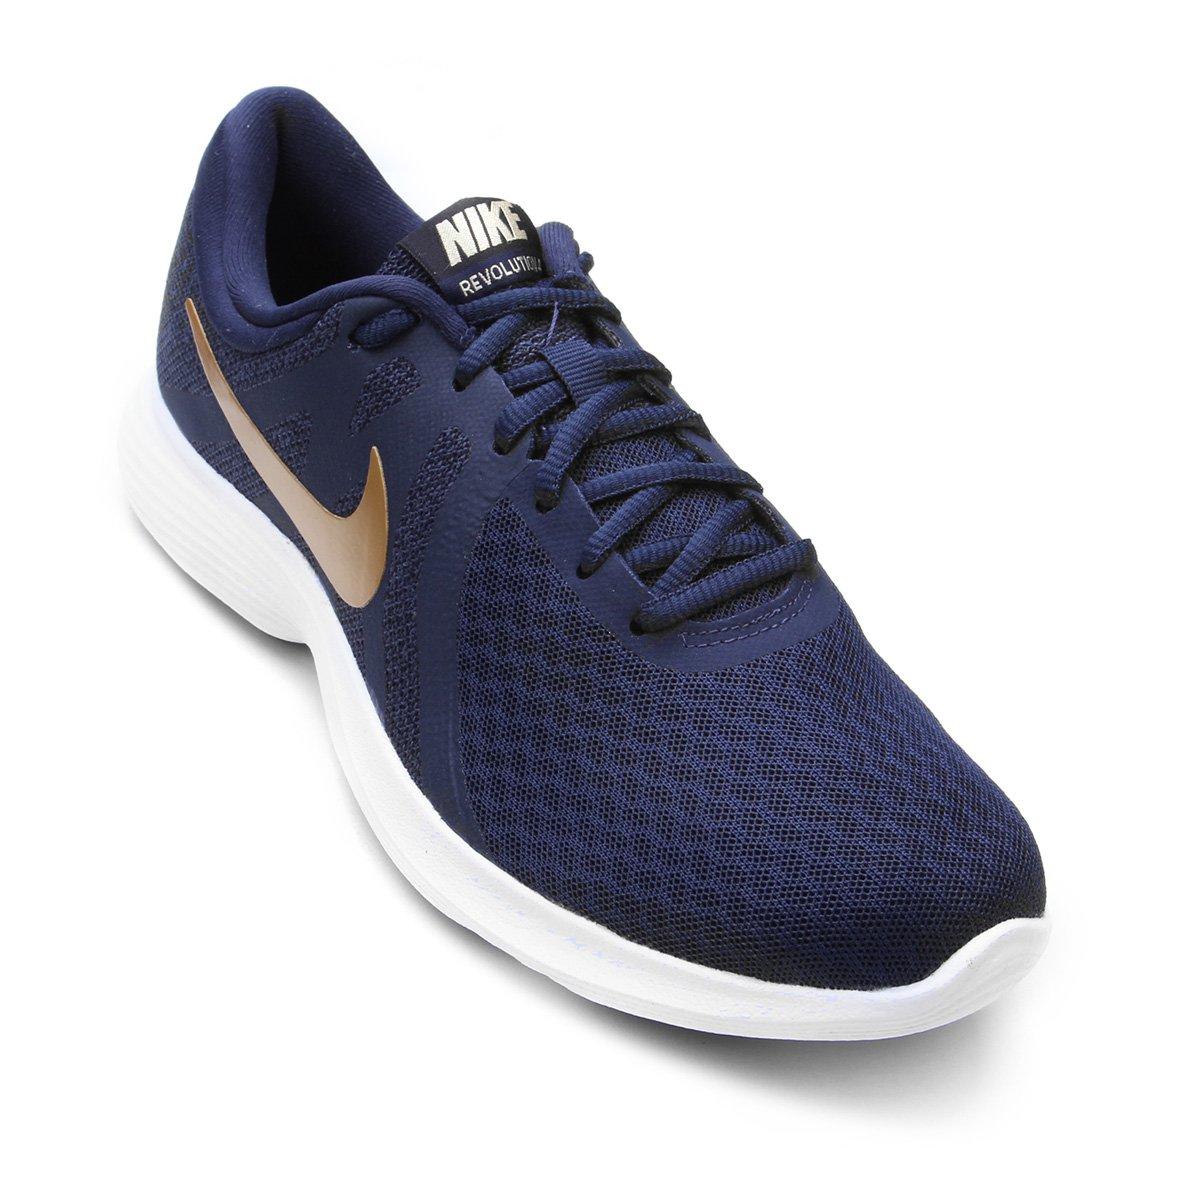 57e994c5a Tênis Nike Wmns Revolution 4 Feminino - Marinho e Dourado - Compre Agora